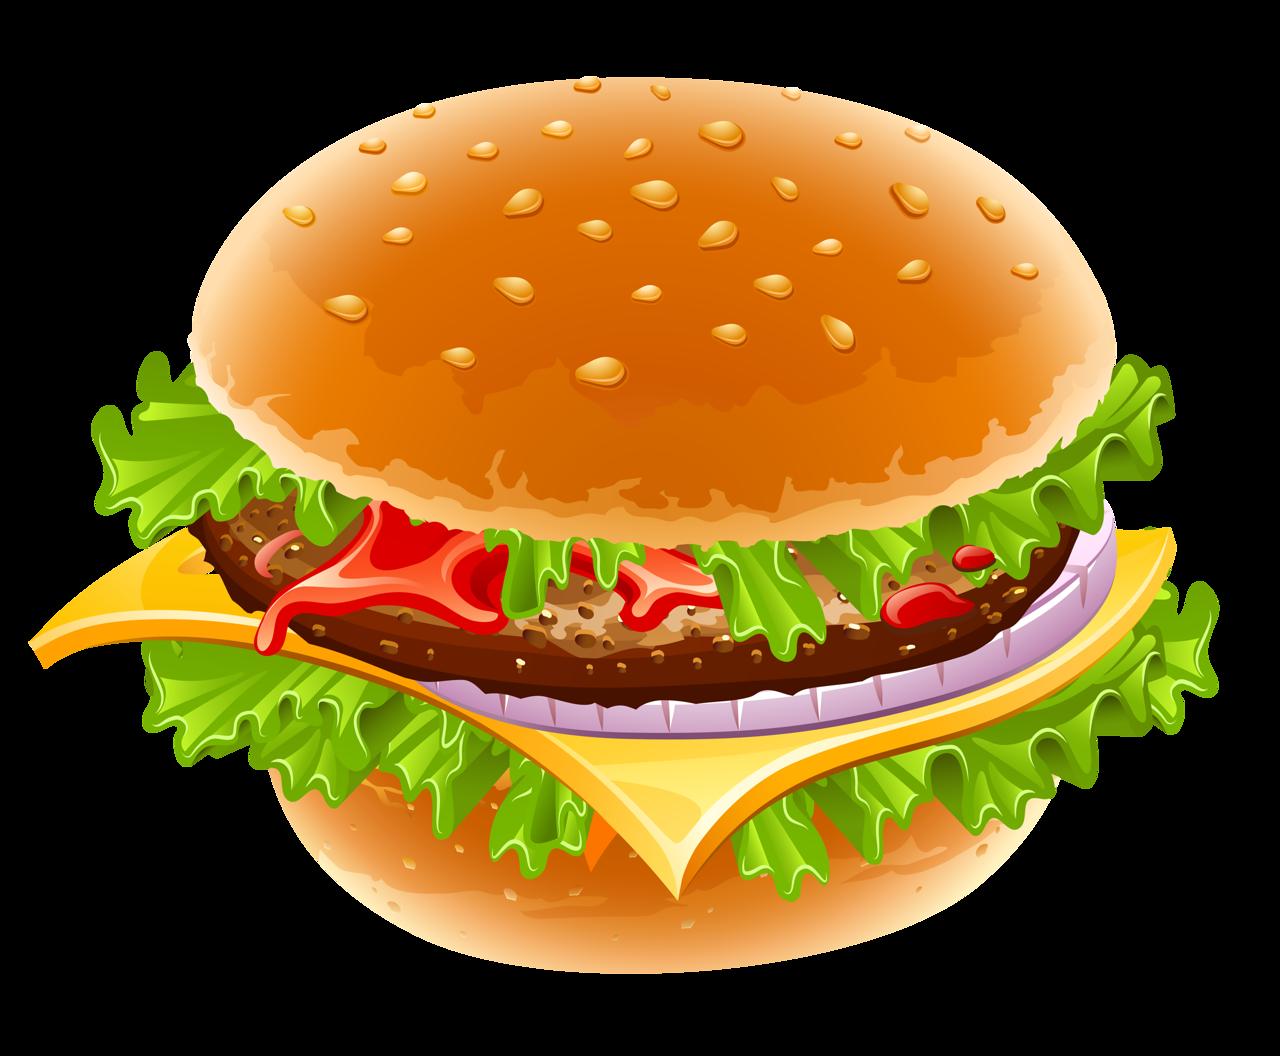 Hot Dog And Hamburger Game